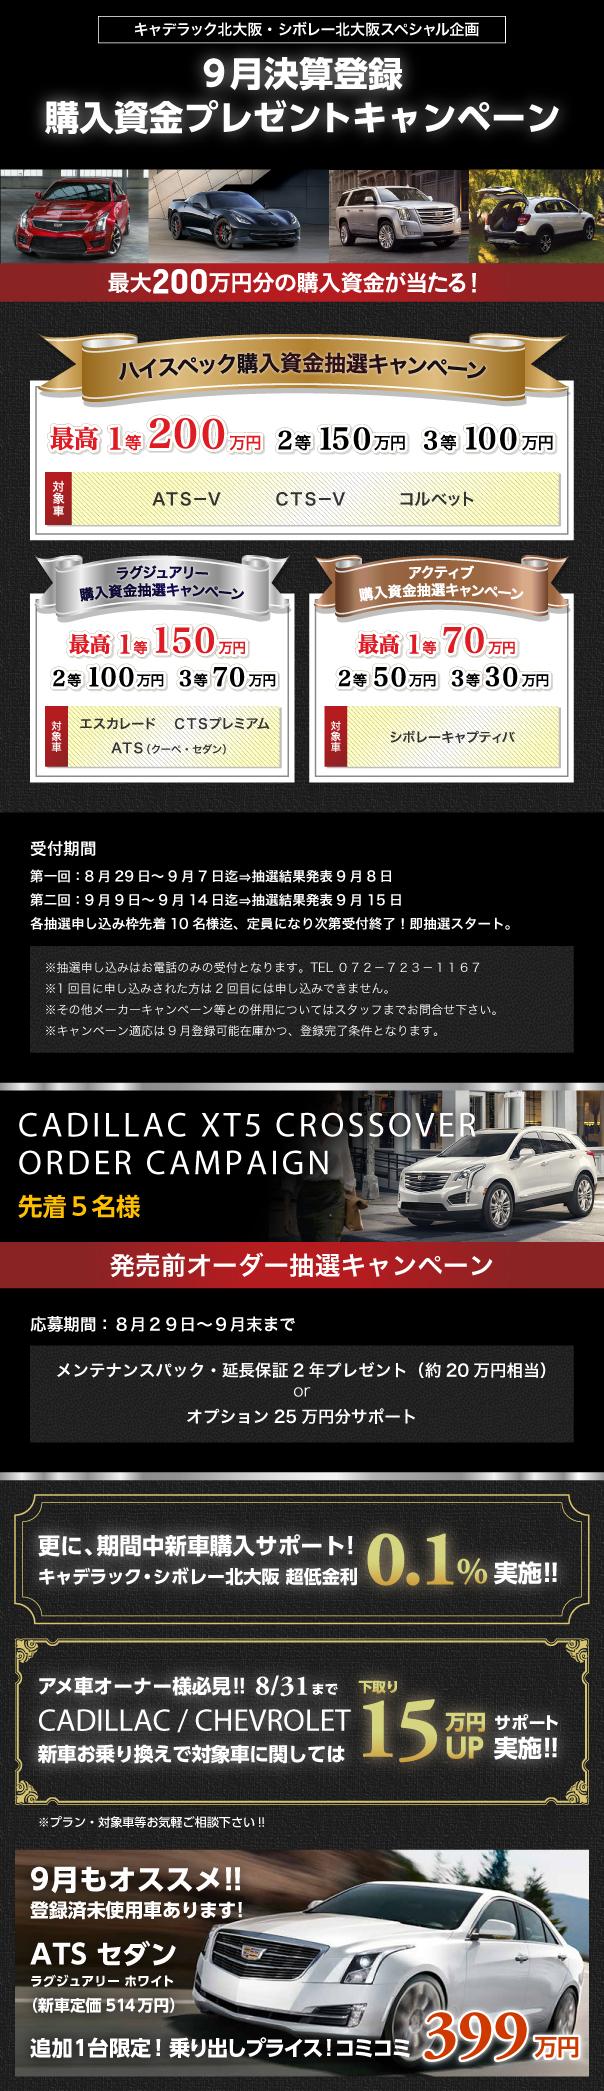 キャデラック・シボレー北大阪 9月決算登録 購入資金プレゼントキャンペーン